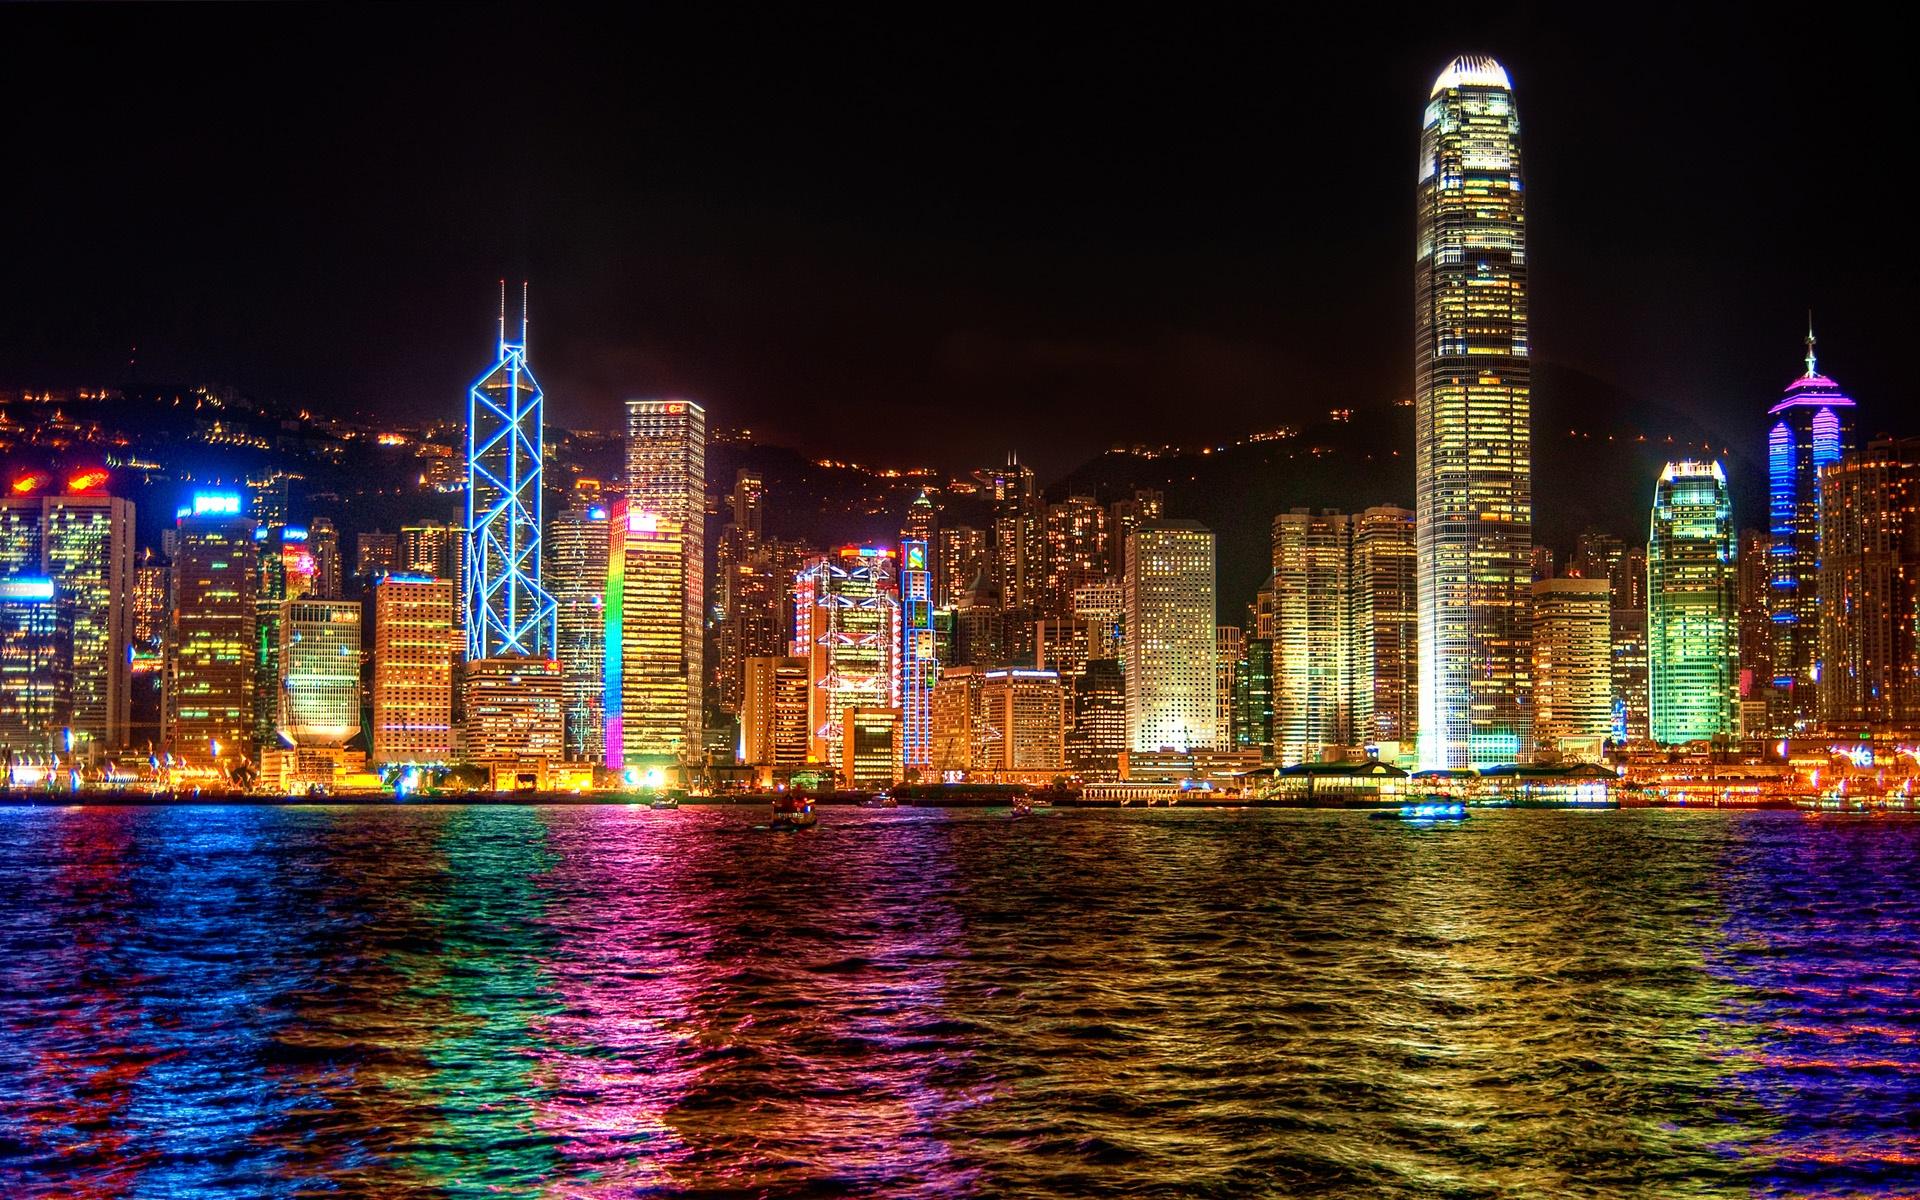 Download Wallpaper 1920x1200 Hong Kong city lights at ...